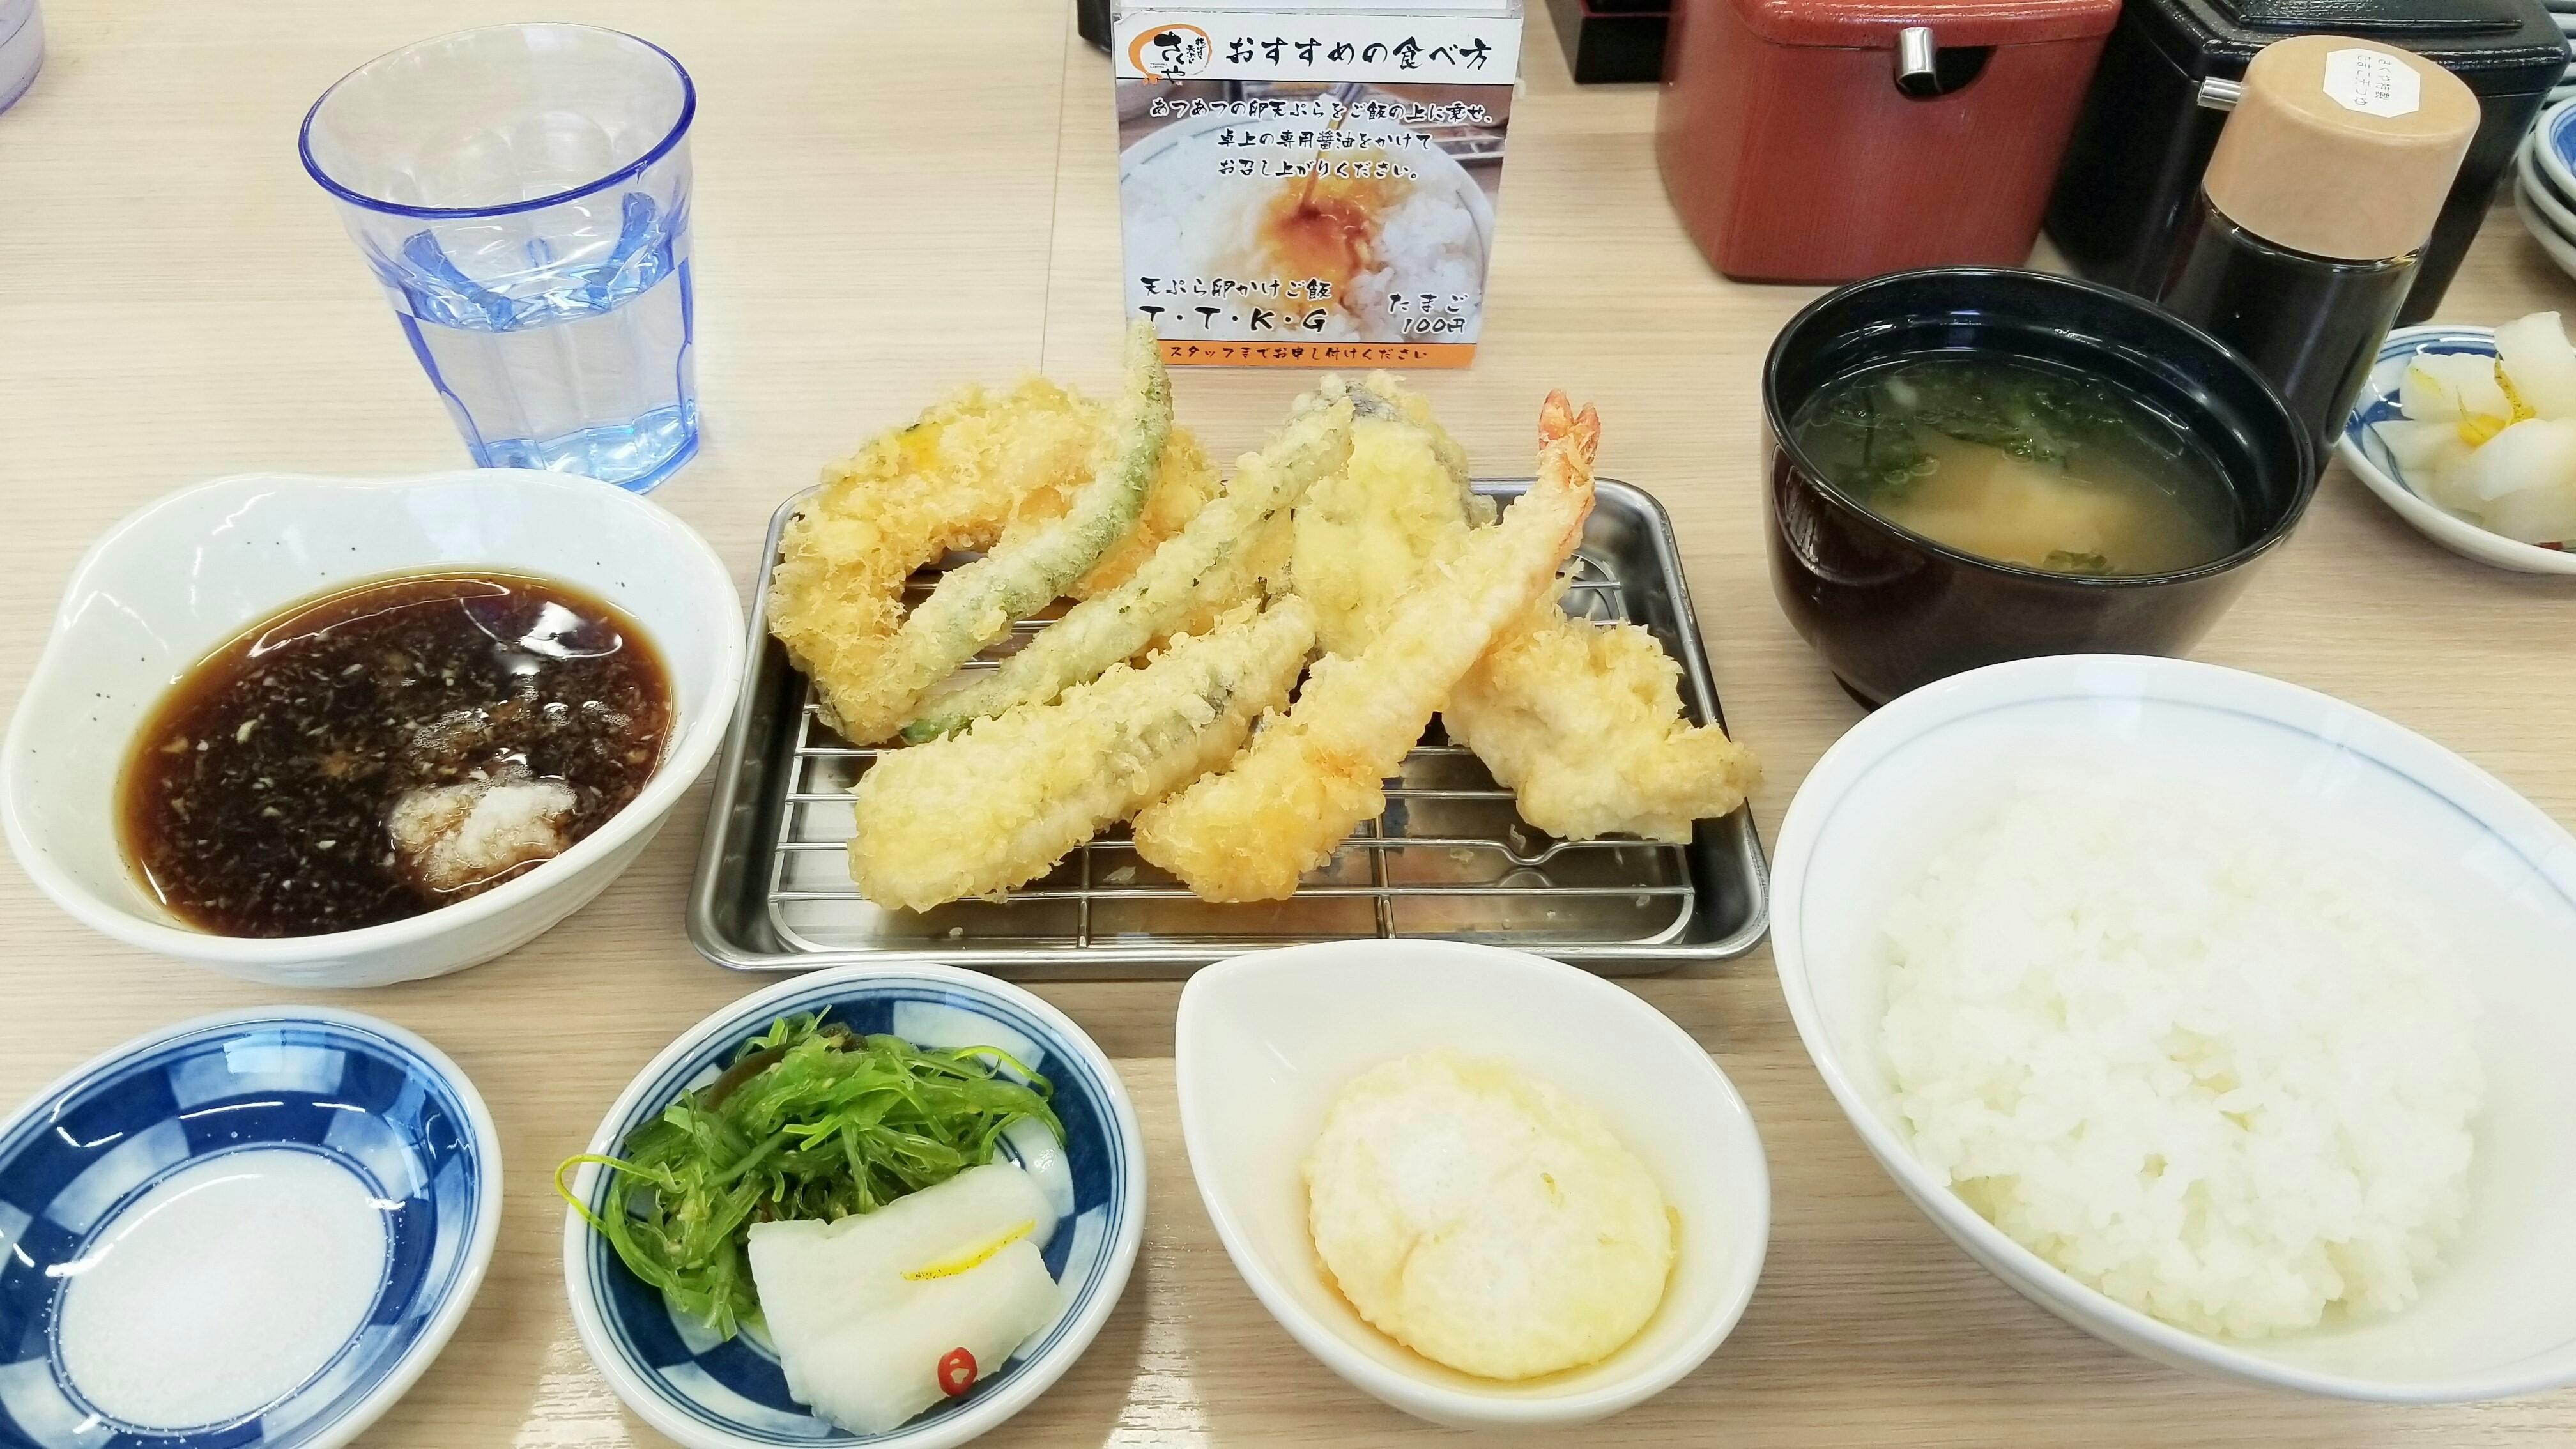 揚げたて天ぷら定食さくや松山画像どこランチ美味しいメニュー安い